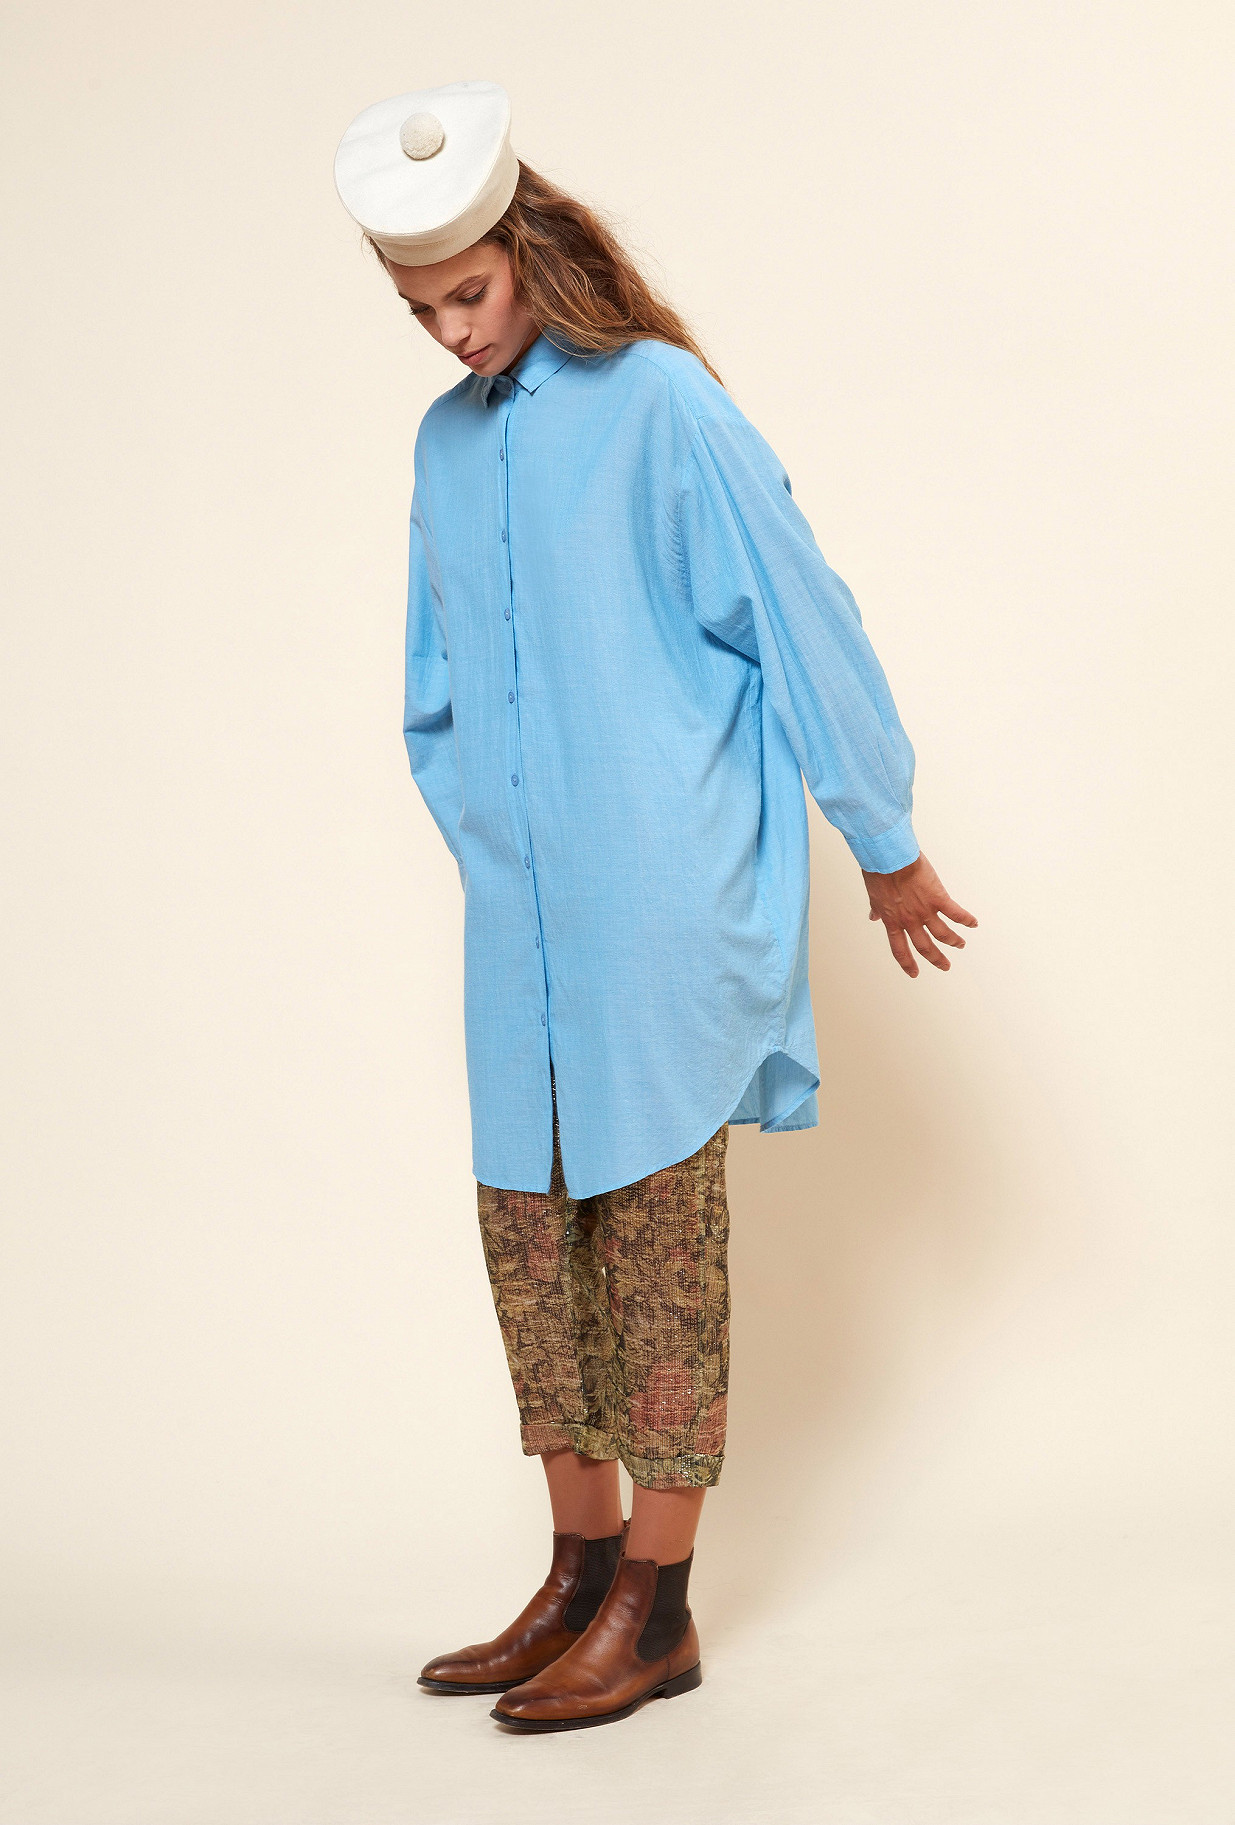 Paris clothes store SHIRT  Mayotte french designer fashion Paris